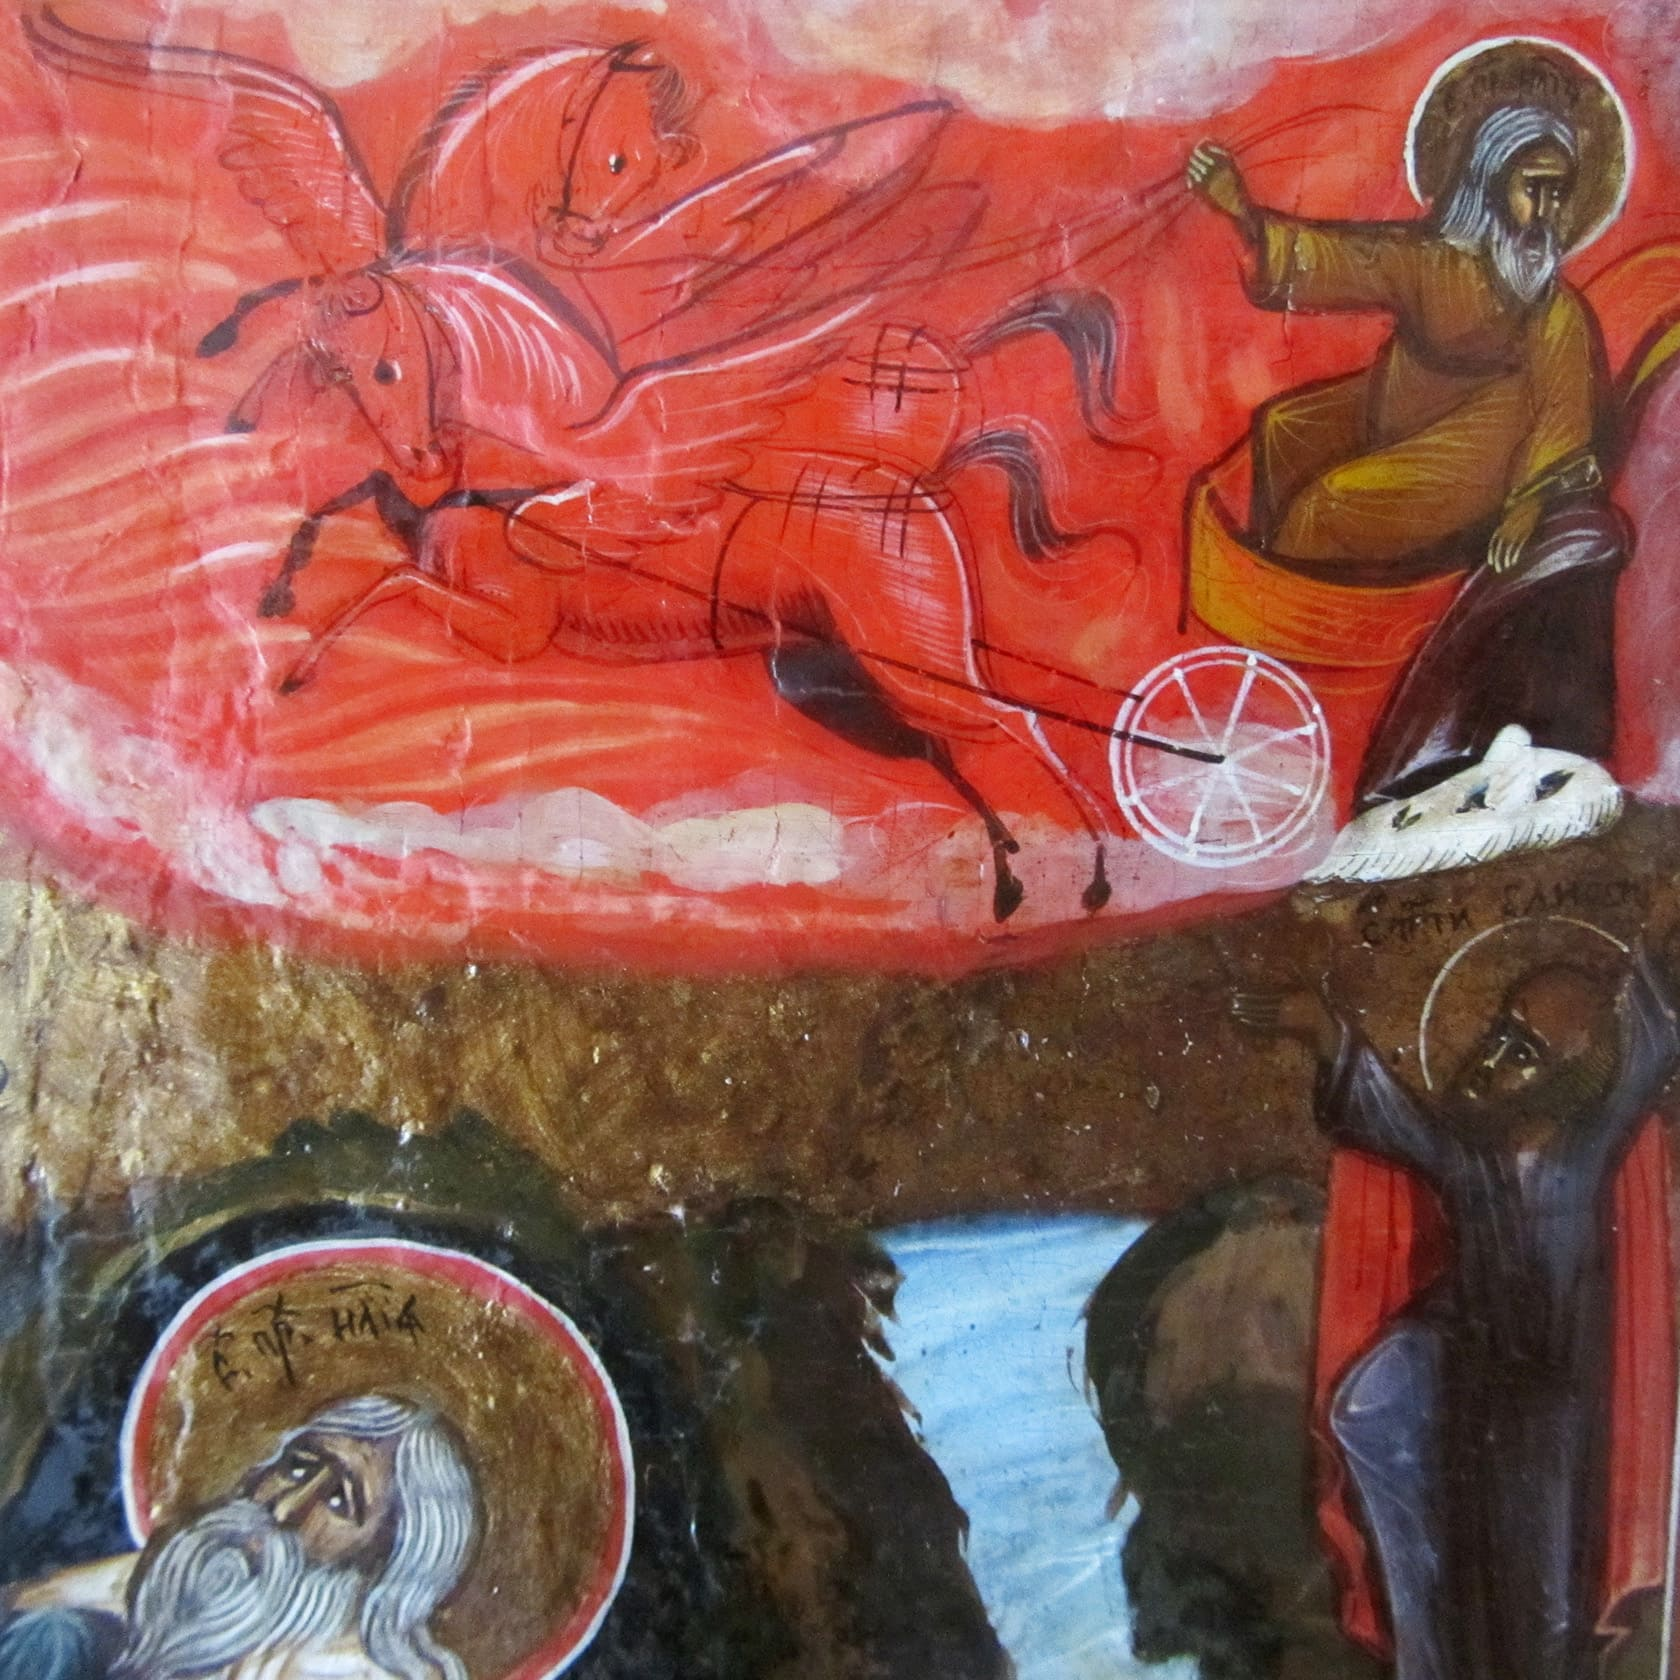 Реставрация икона, пророк Илия, реставрация деревянных икон, реставрация домашней иконы, реставрация иконы москва, реставрация иконы фото до и после